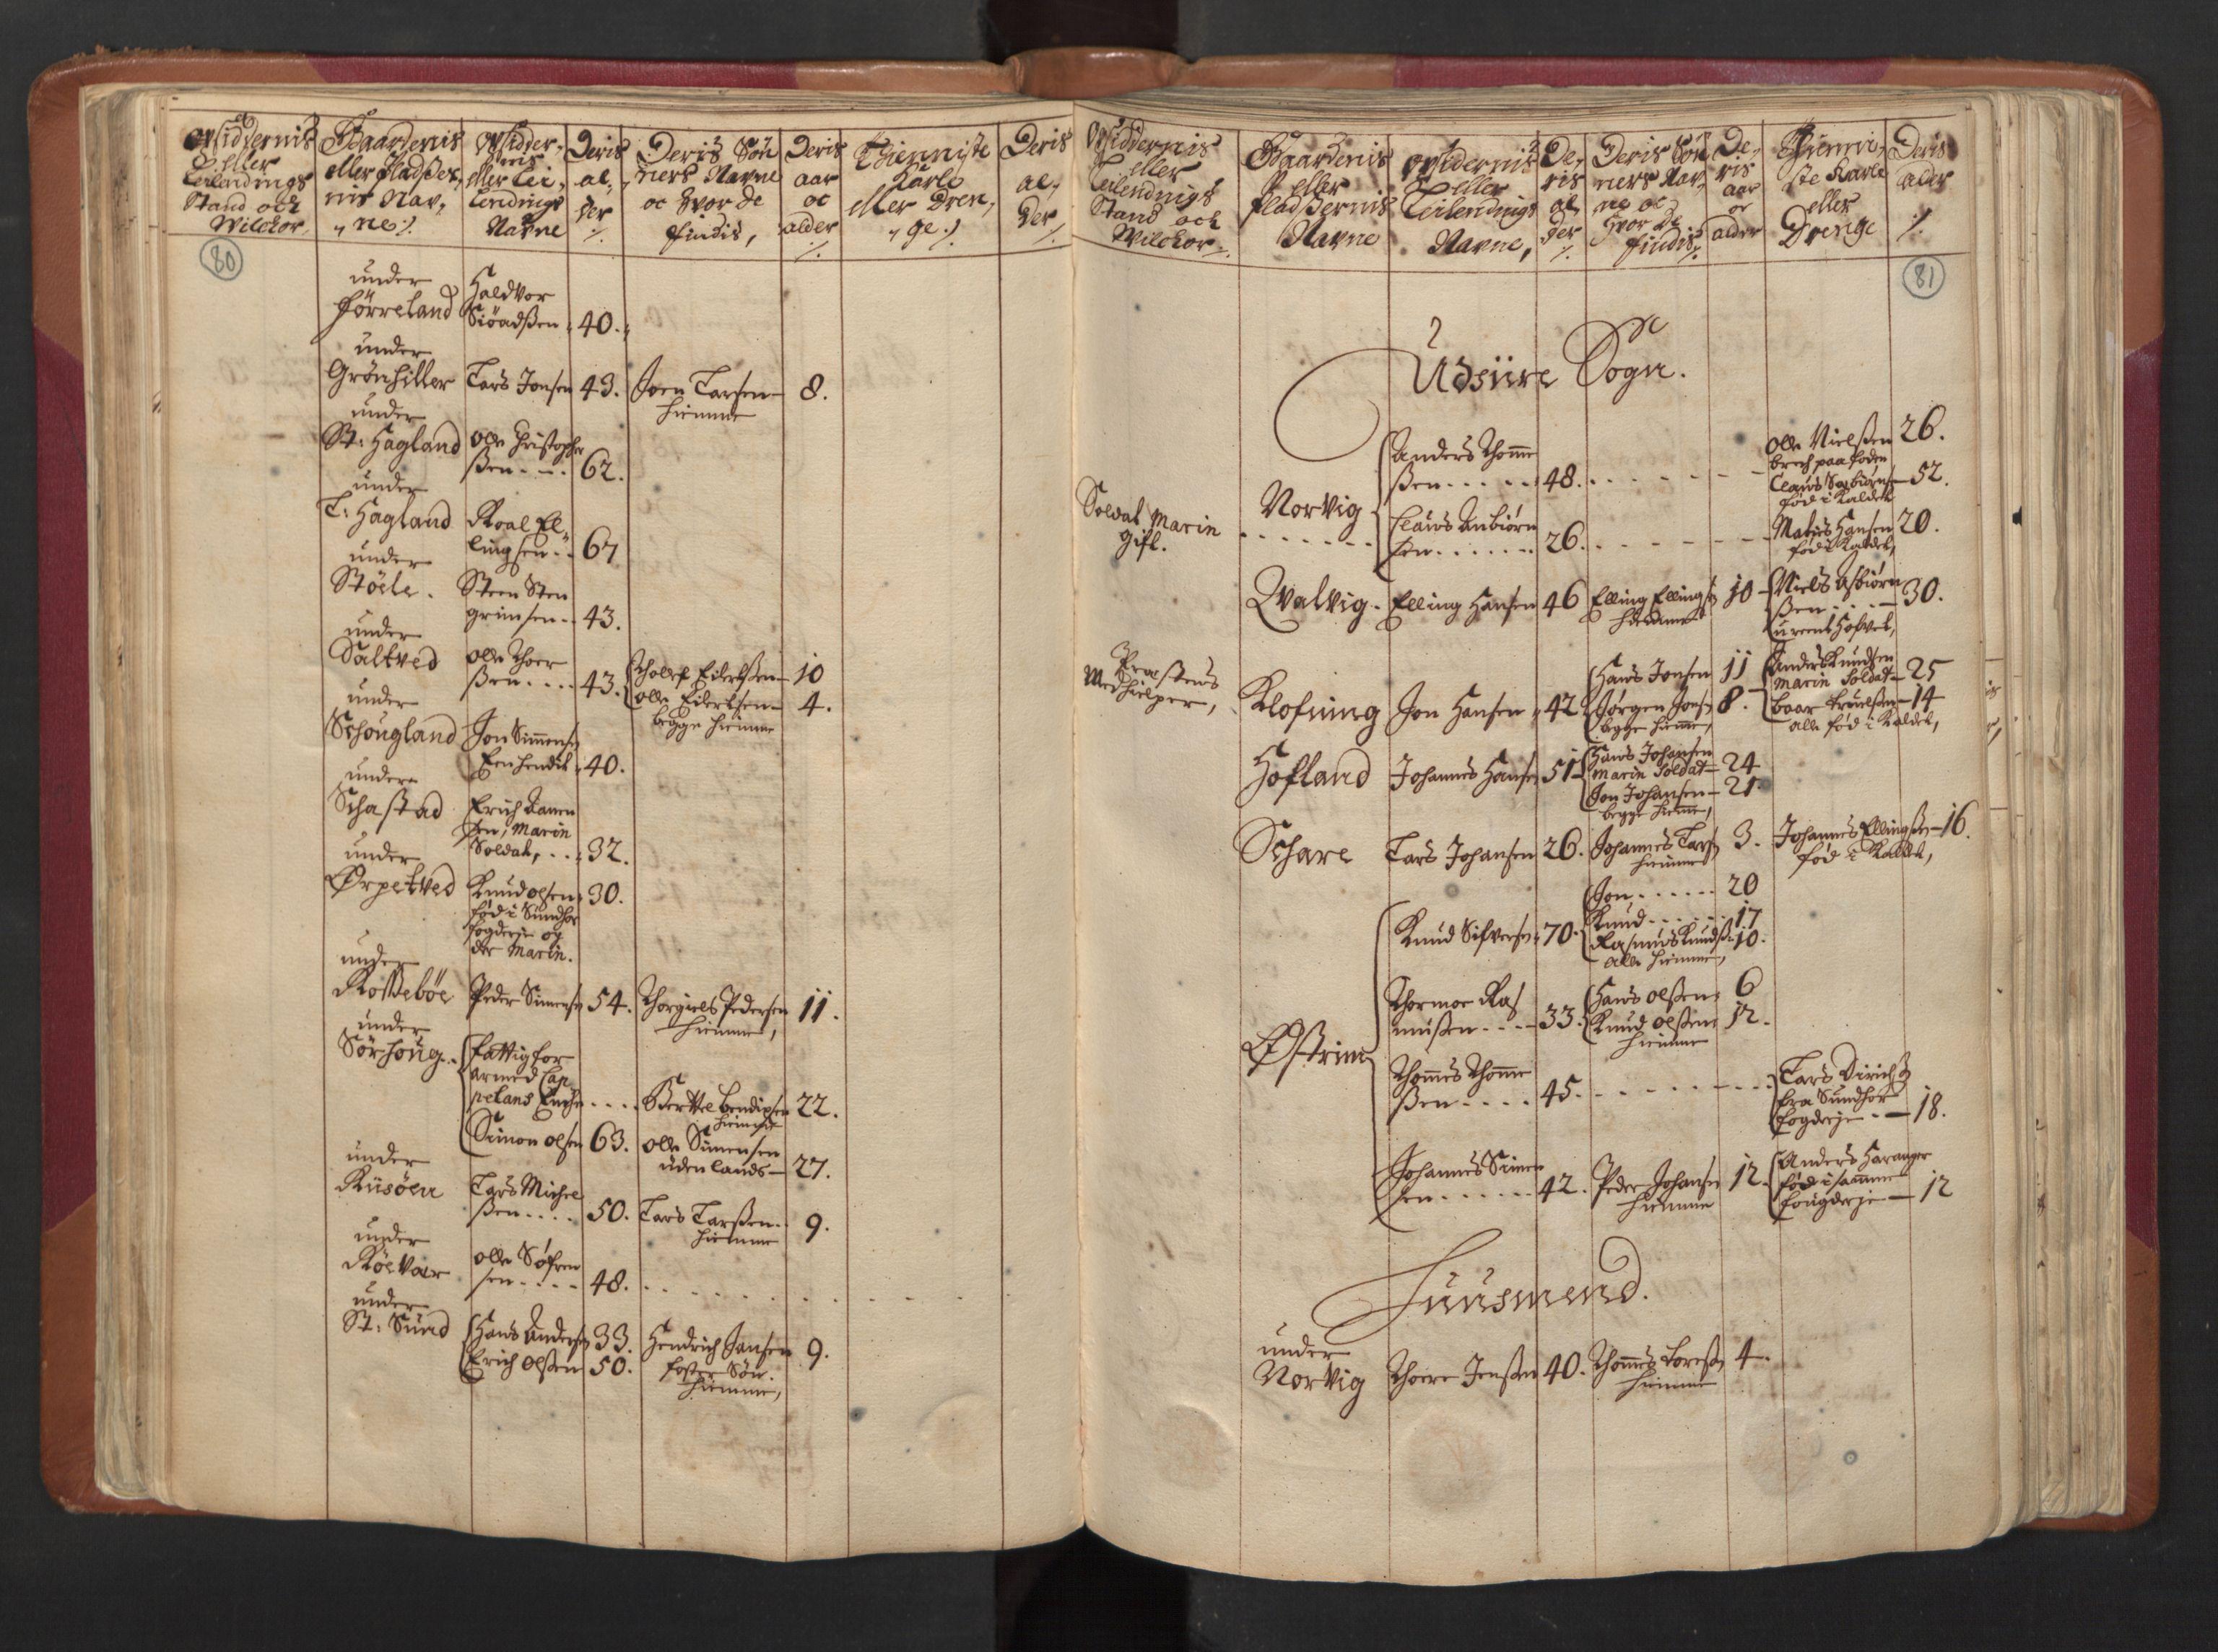 RA, Manntallet 1701, nr. 5: Ryfylke fogderi, 1701, s. 80-81